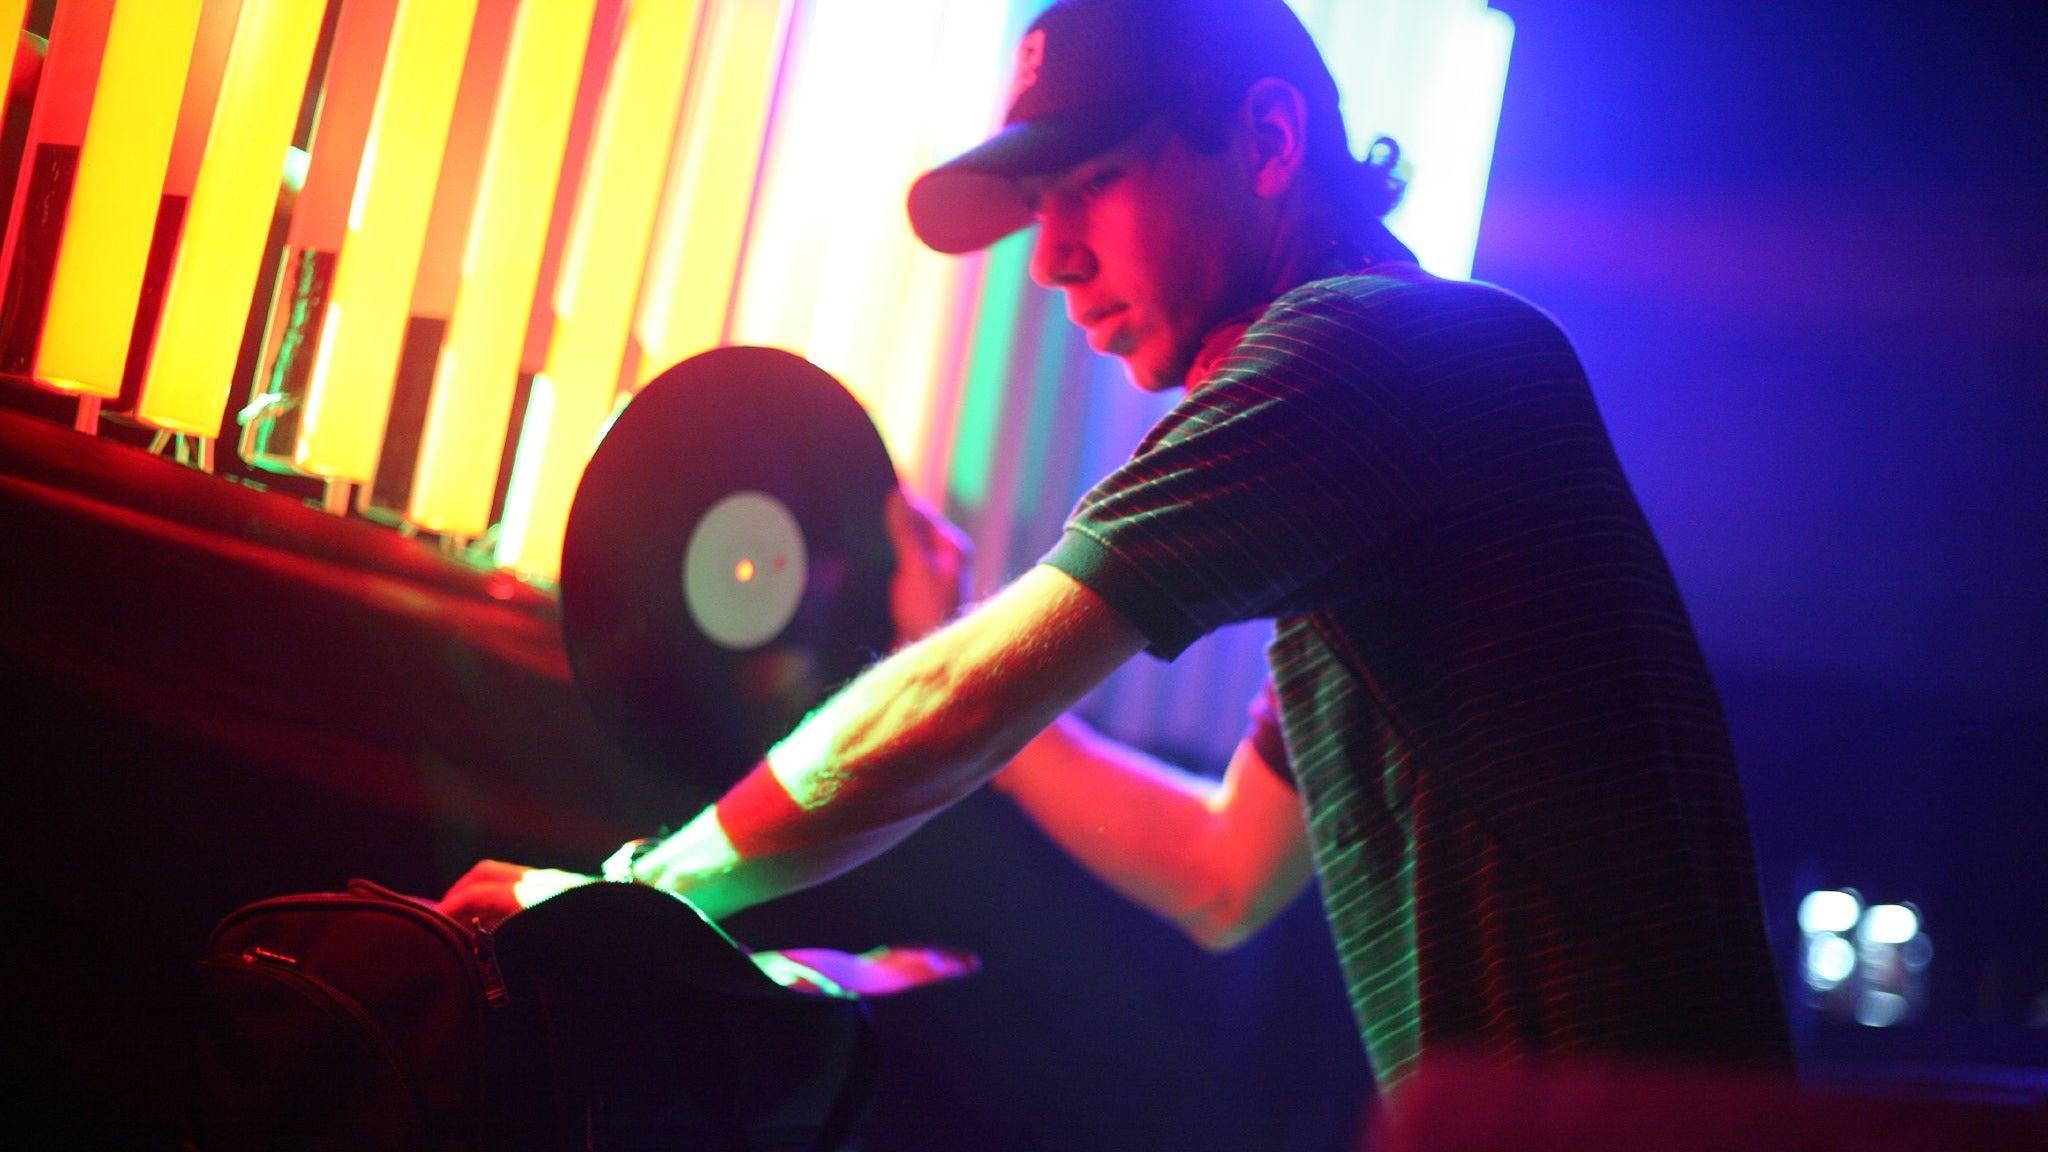 CRSSD After Dark: Tiga + Mark Knight at Music Box